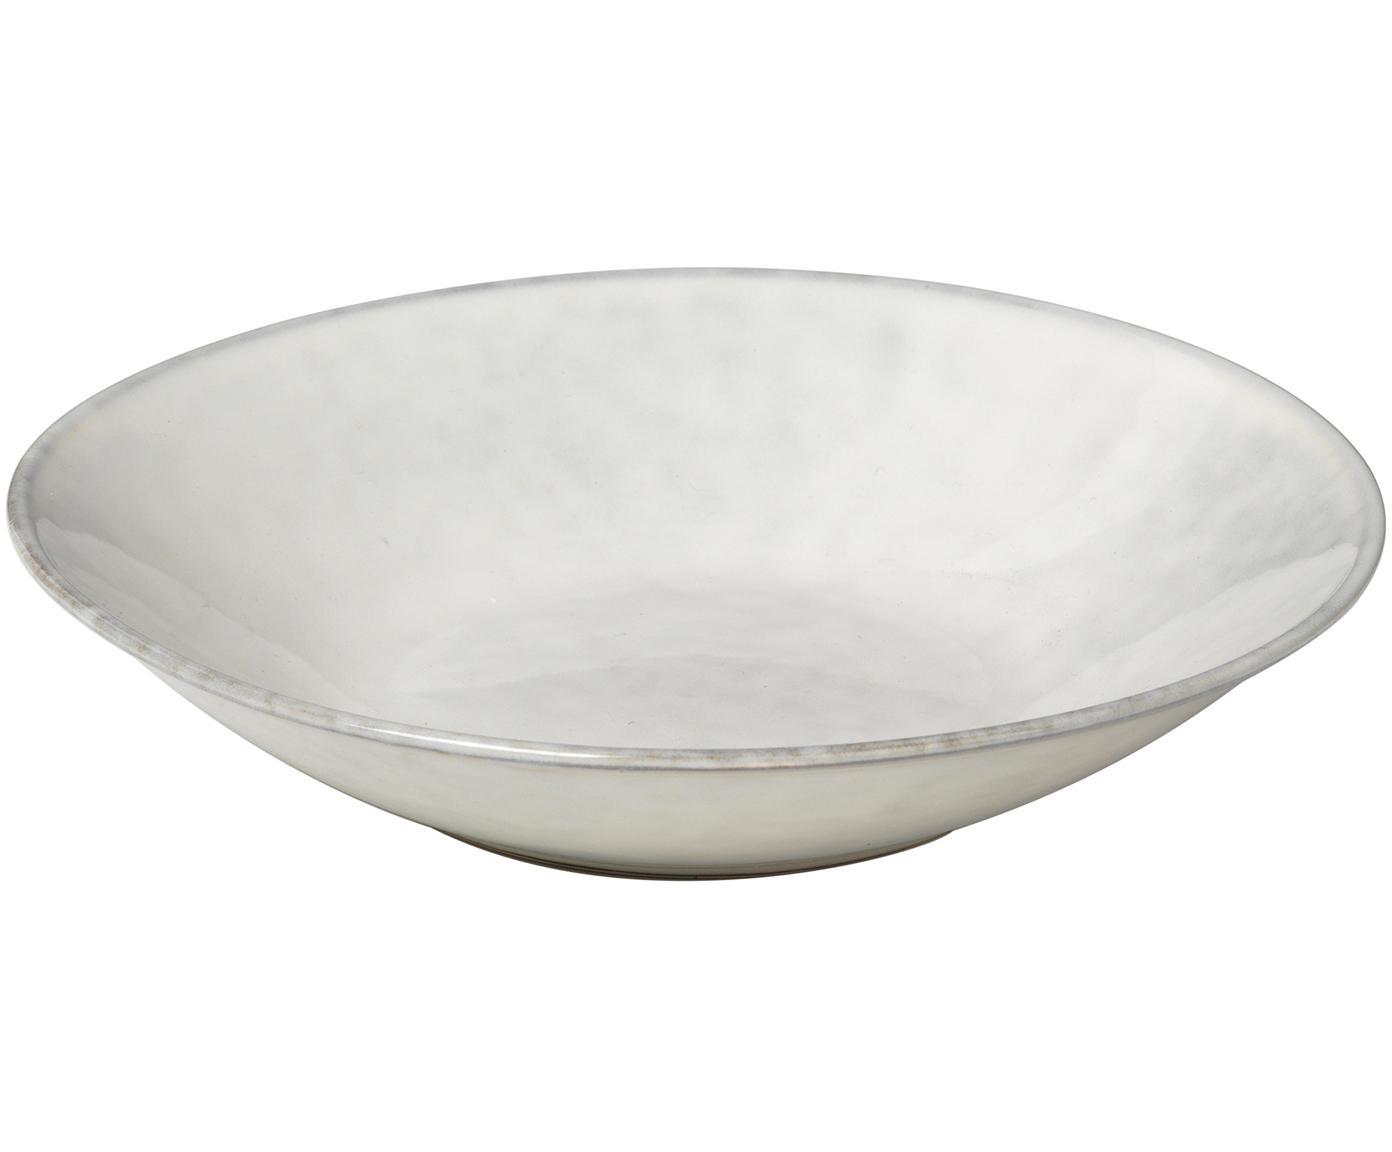 Handgemachte Suppenteller Nordic Sand, 4 Stück, Steingut, Sand, Ø 22 x H 5 cm